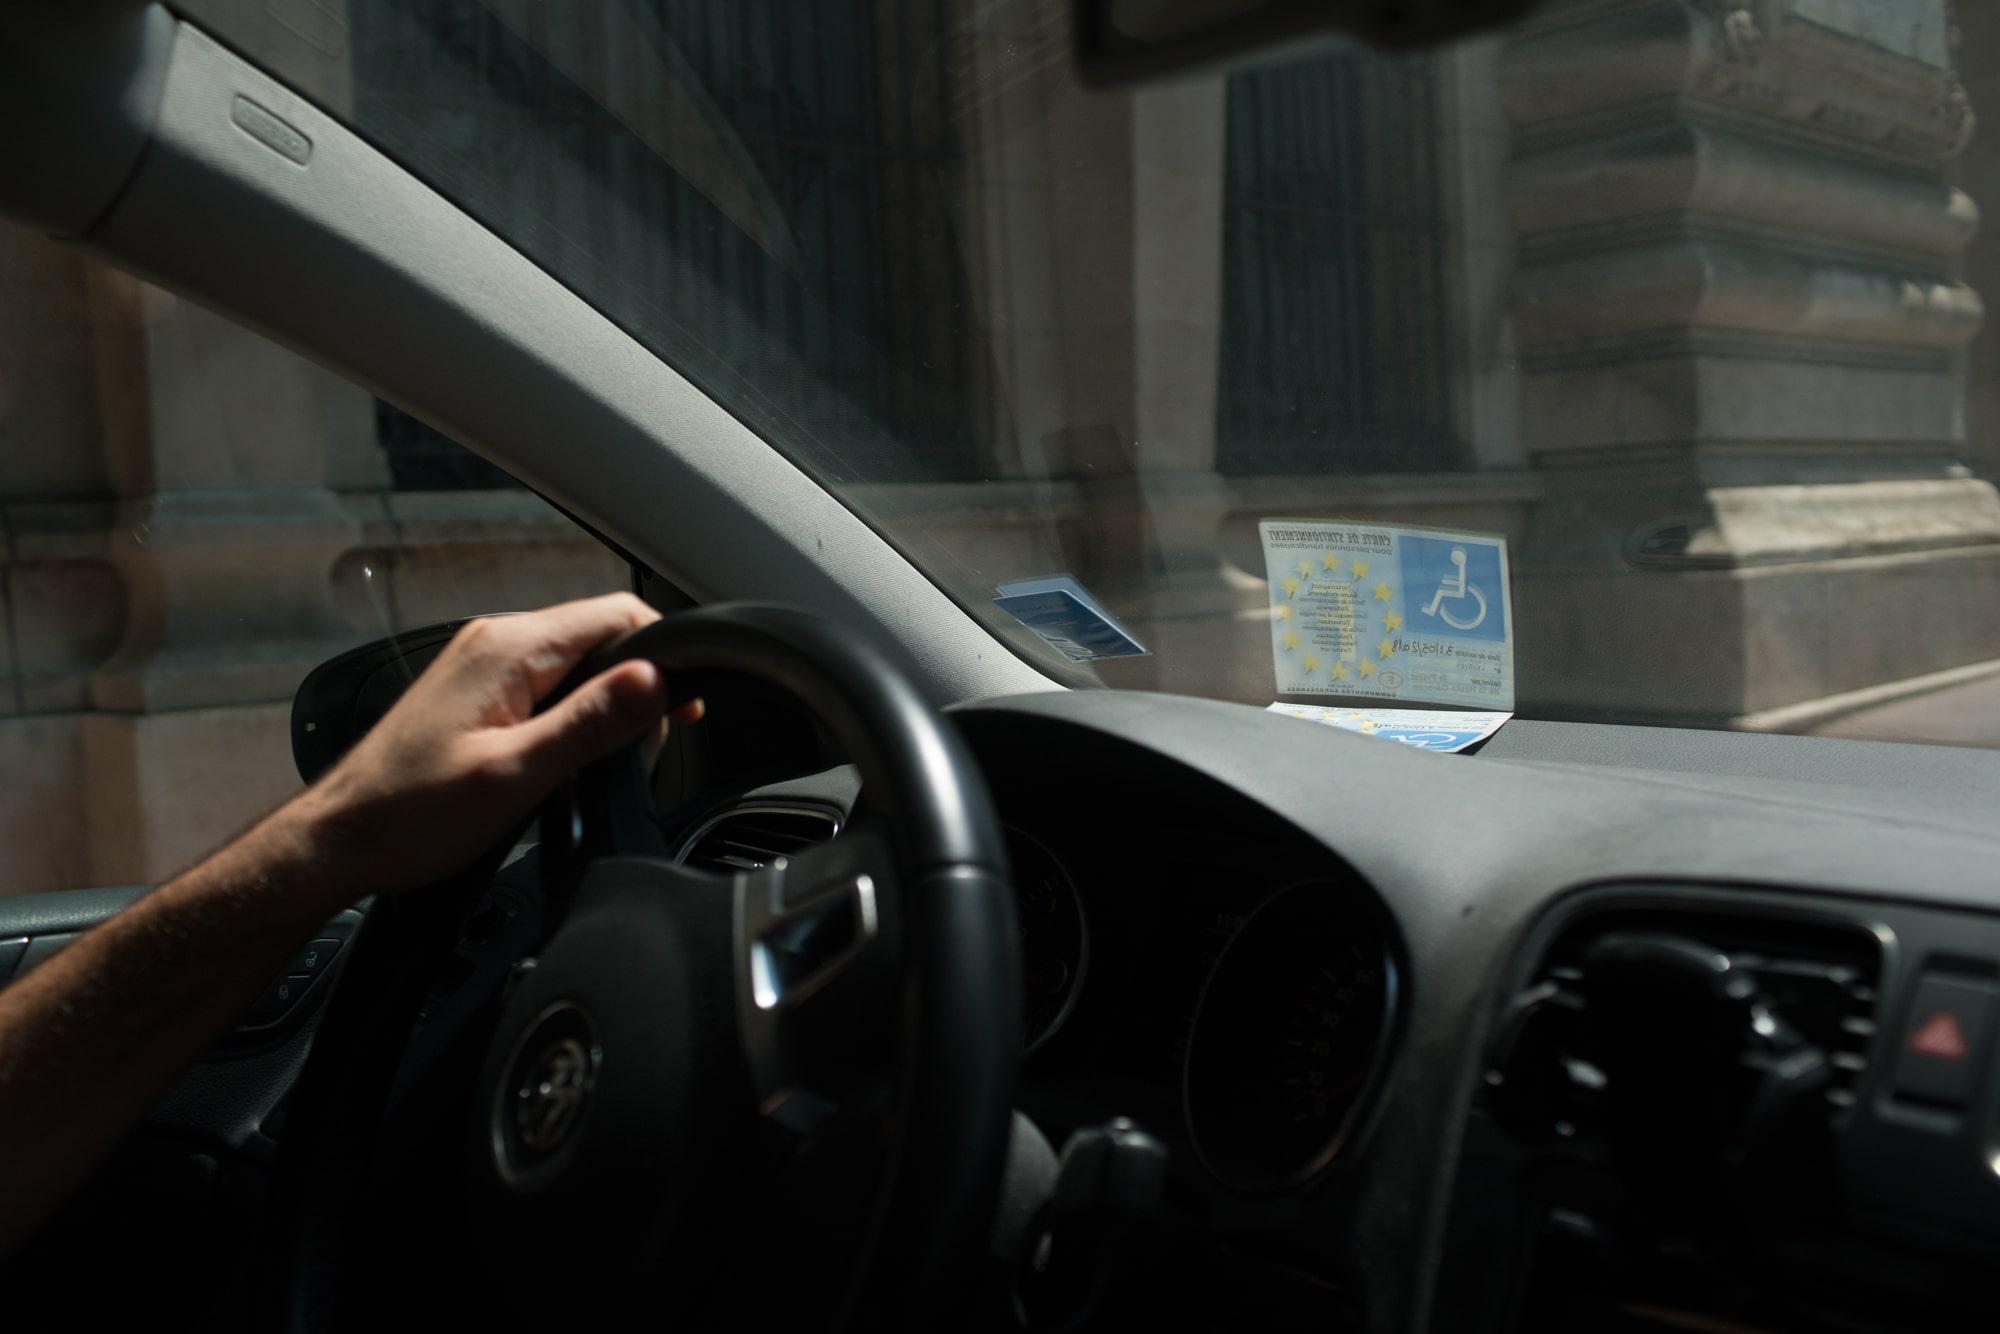 La main de Christophe sur le volant de sa voiture. Dans le pare-brise se reflète sa carte de stationnement pour personne handicapée